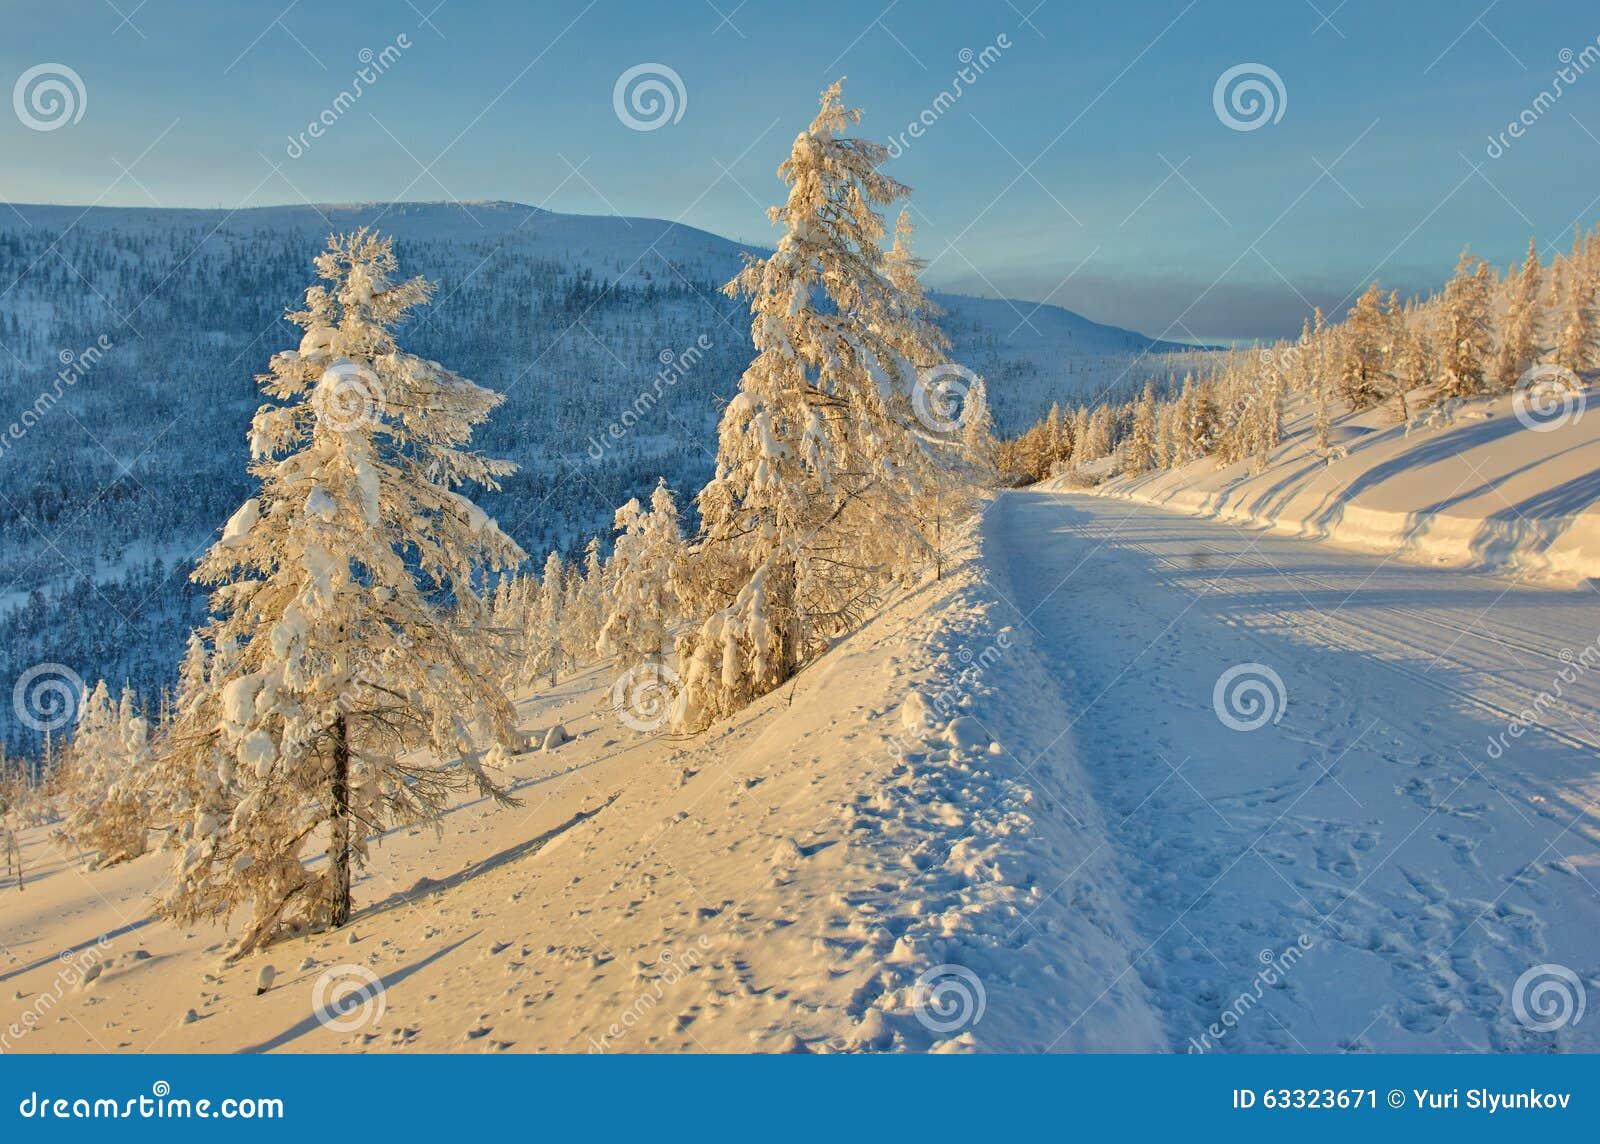 Descent from pass. Winter. A decline. Evening. Kolyma